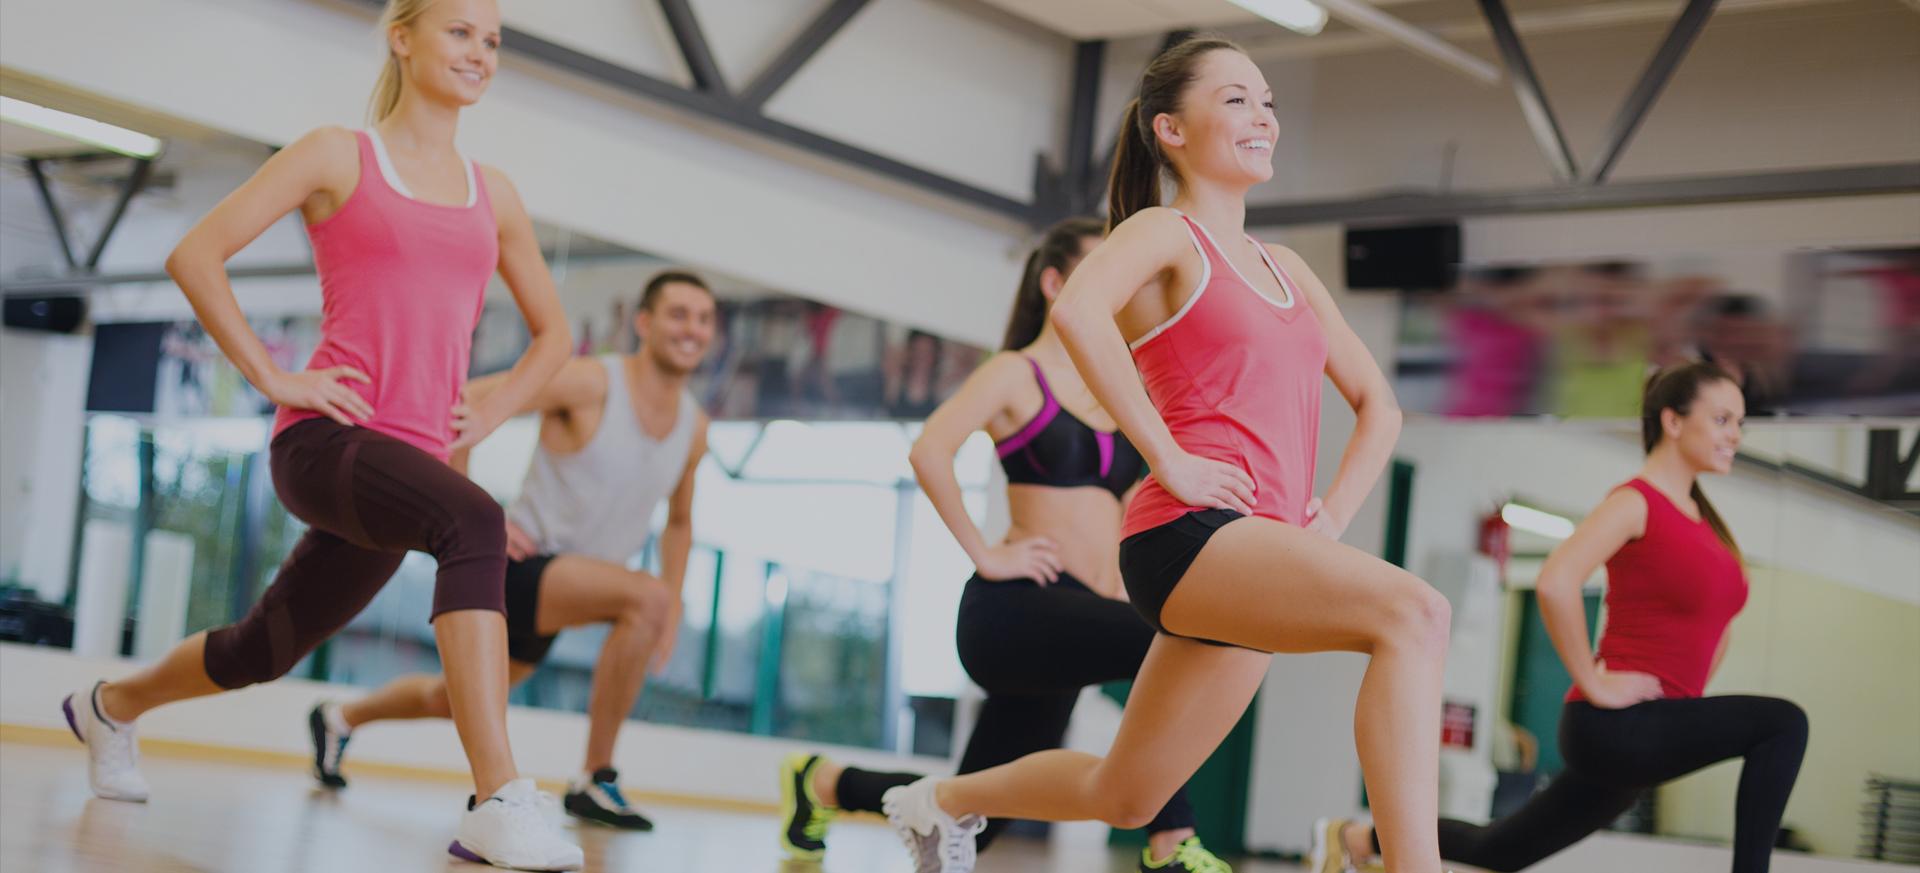 Exercice pour les mollets et les fesses